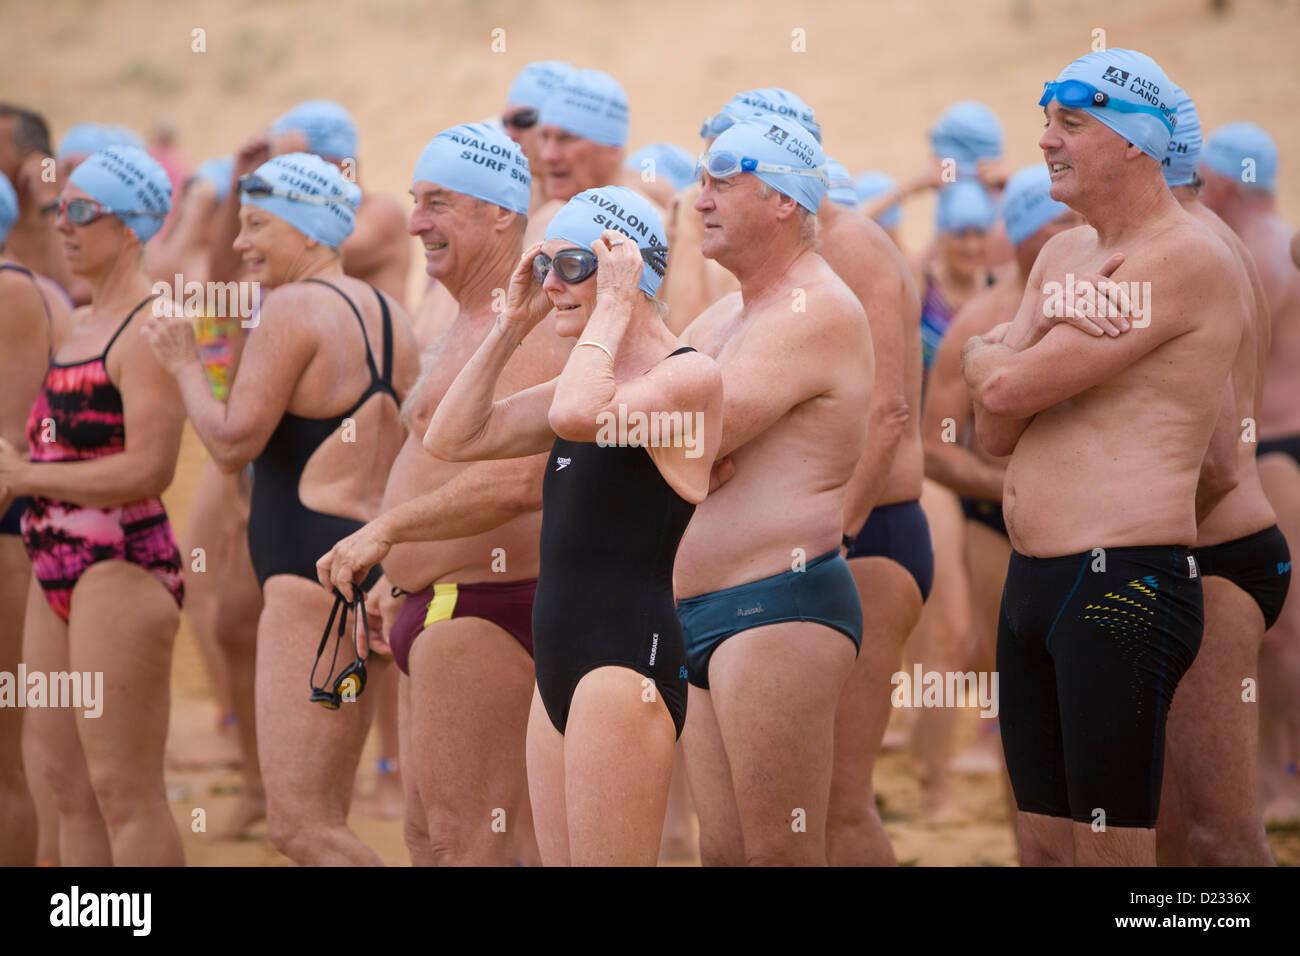 swimmers prepare for the start of the avalon beach ocean swim race,avalon,sydney,australia - Stock Image